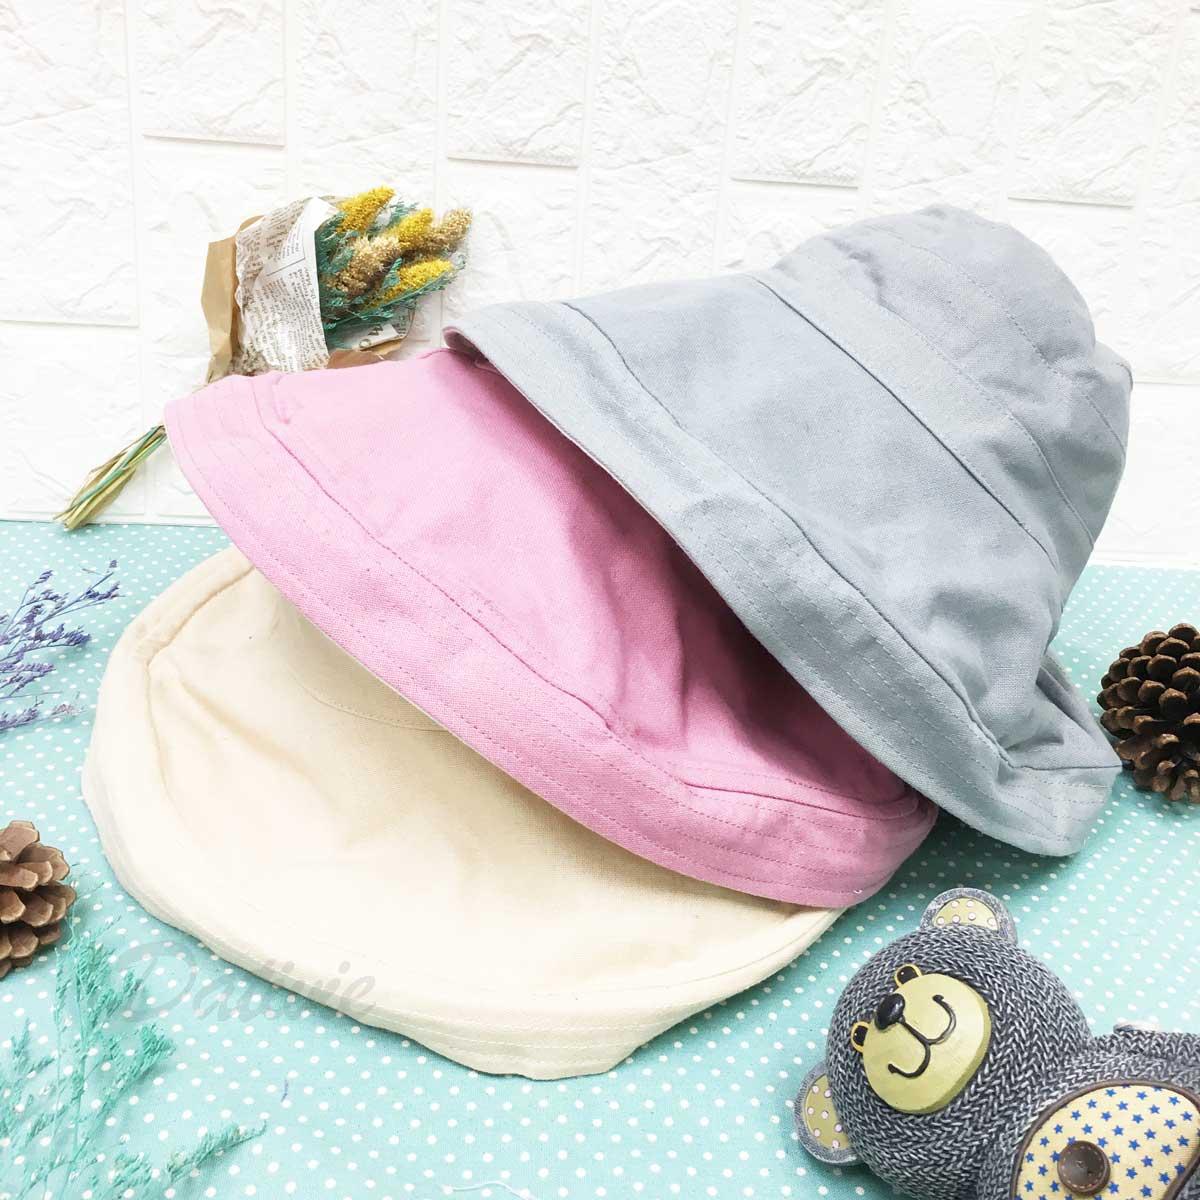 棉麻素面 簡單風 鐵邊可彎曲造型 帽子 遮陽帽 淑女帽